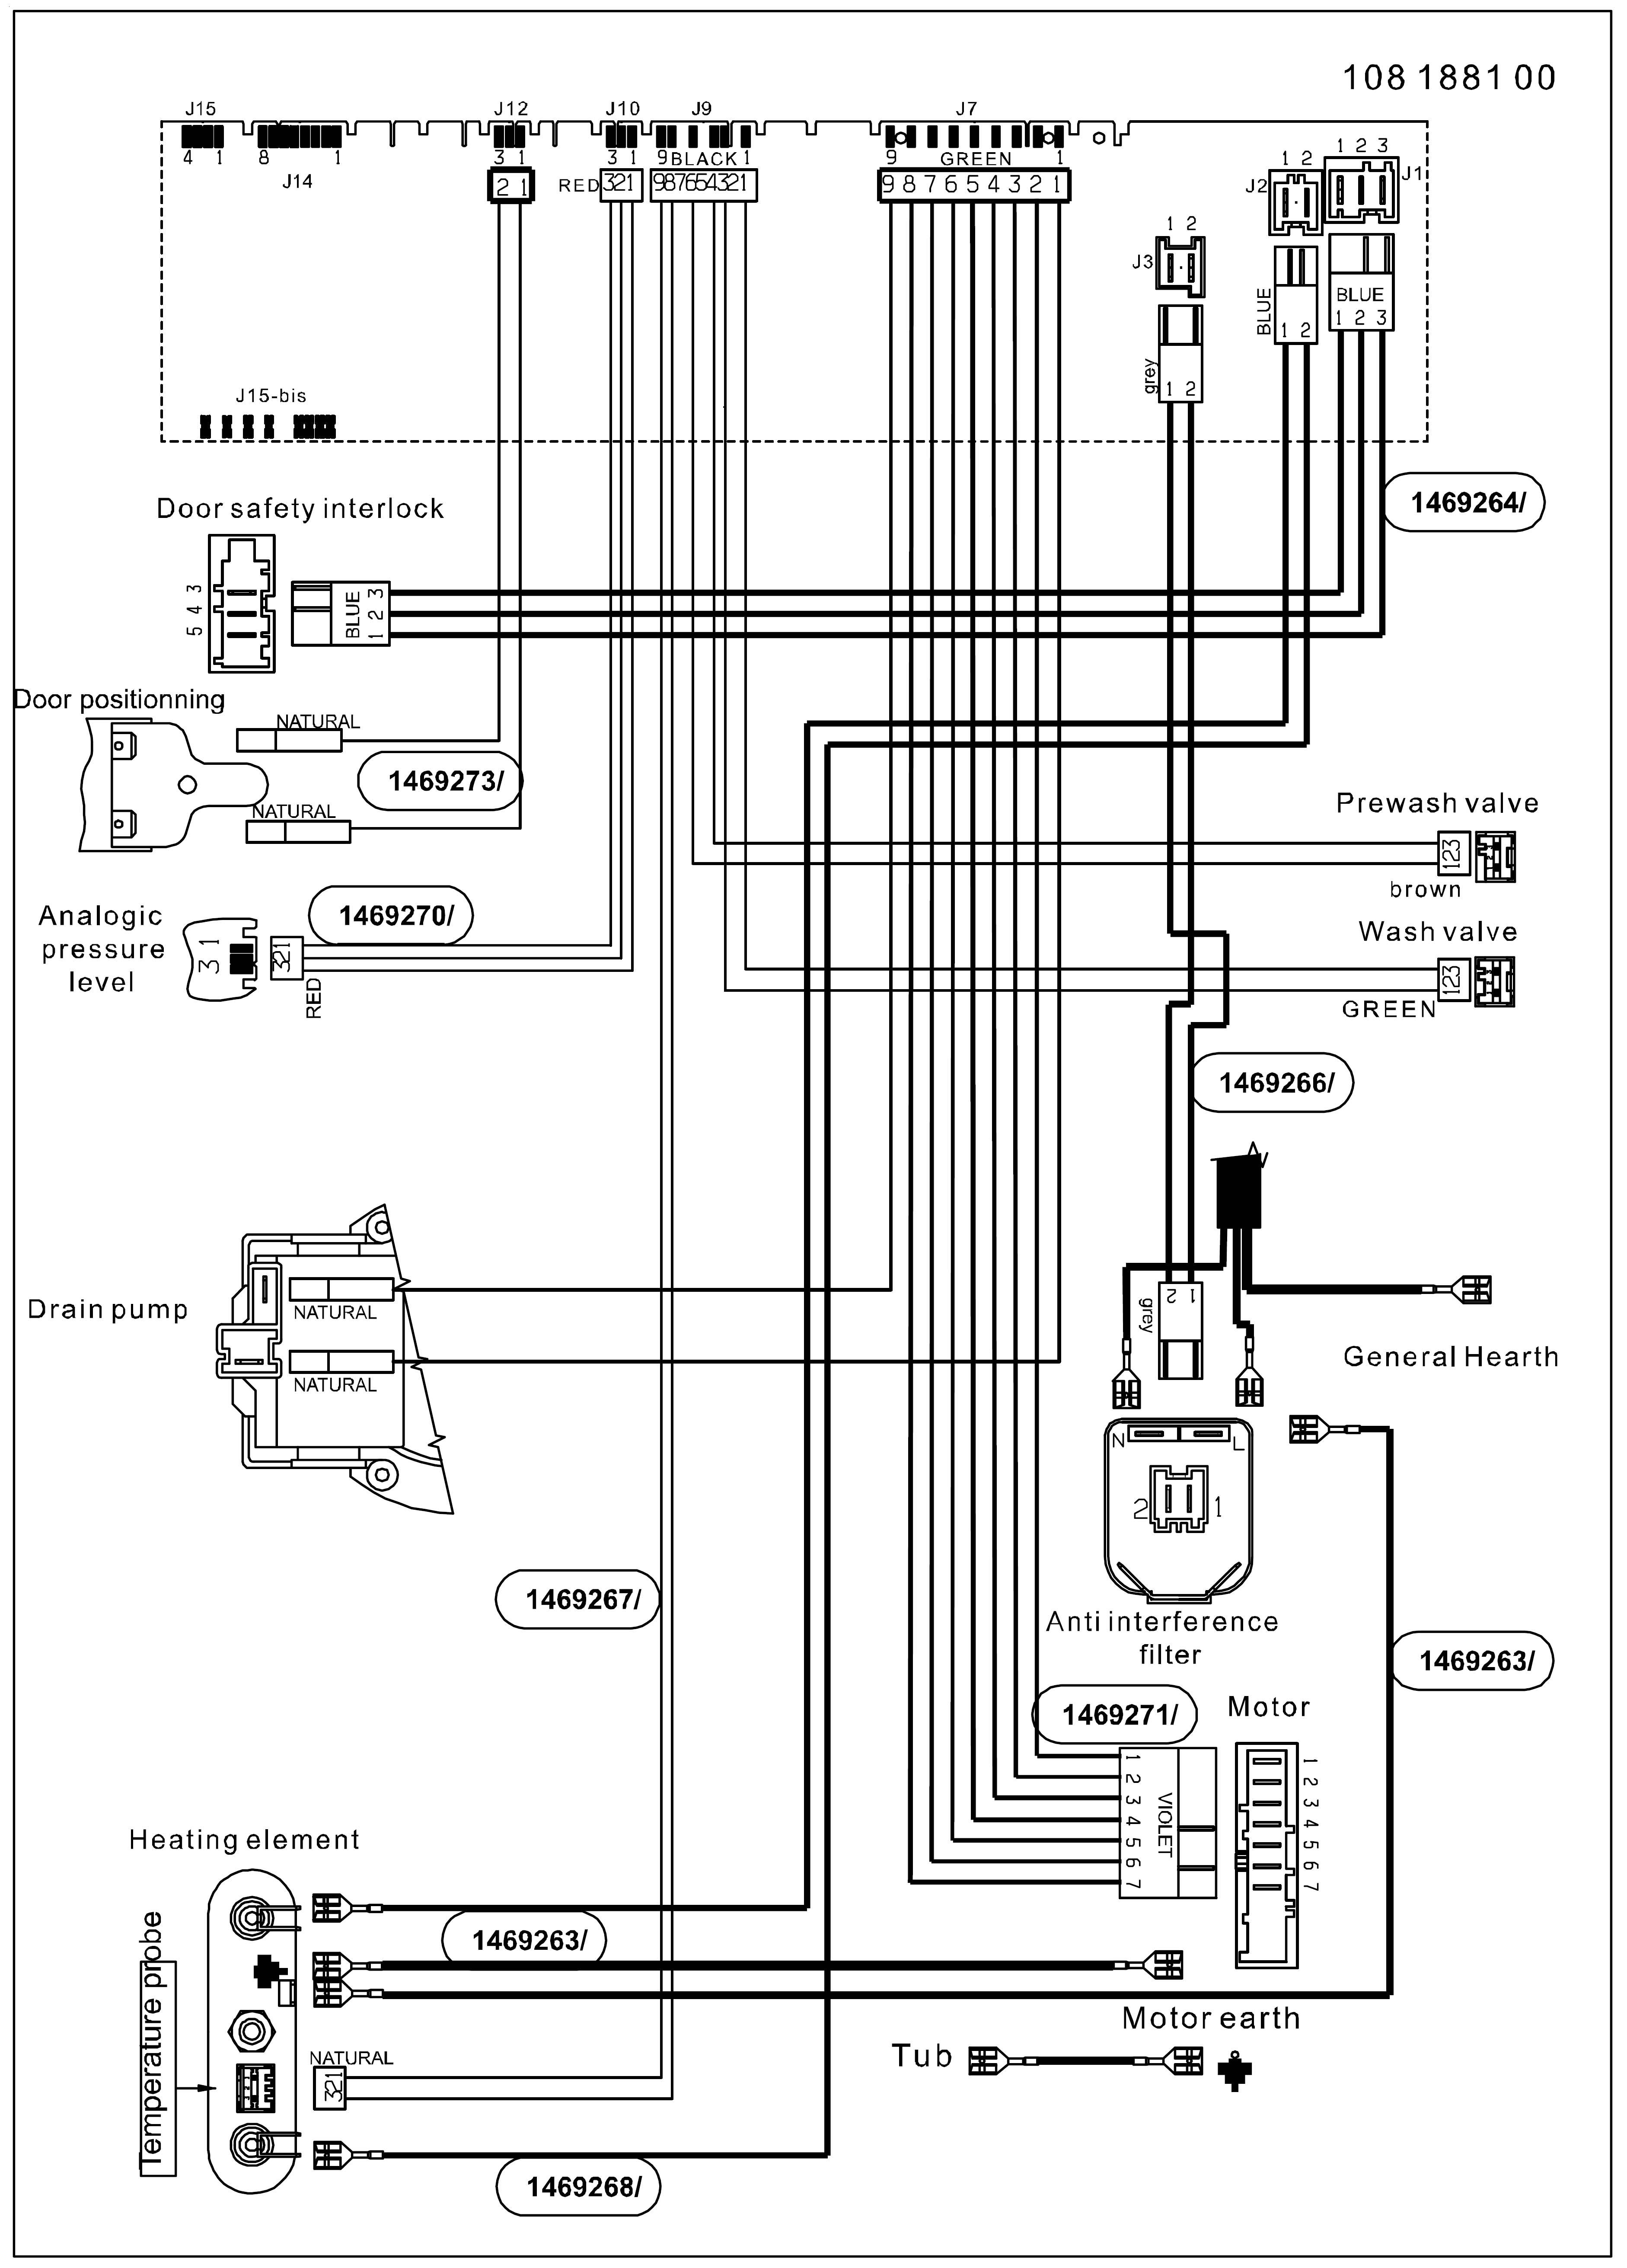 принципиальная электрическая схема Candy LBCG644T